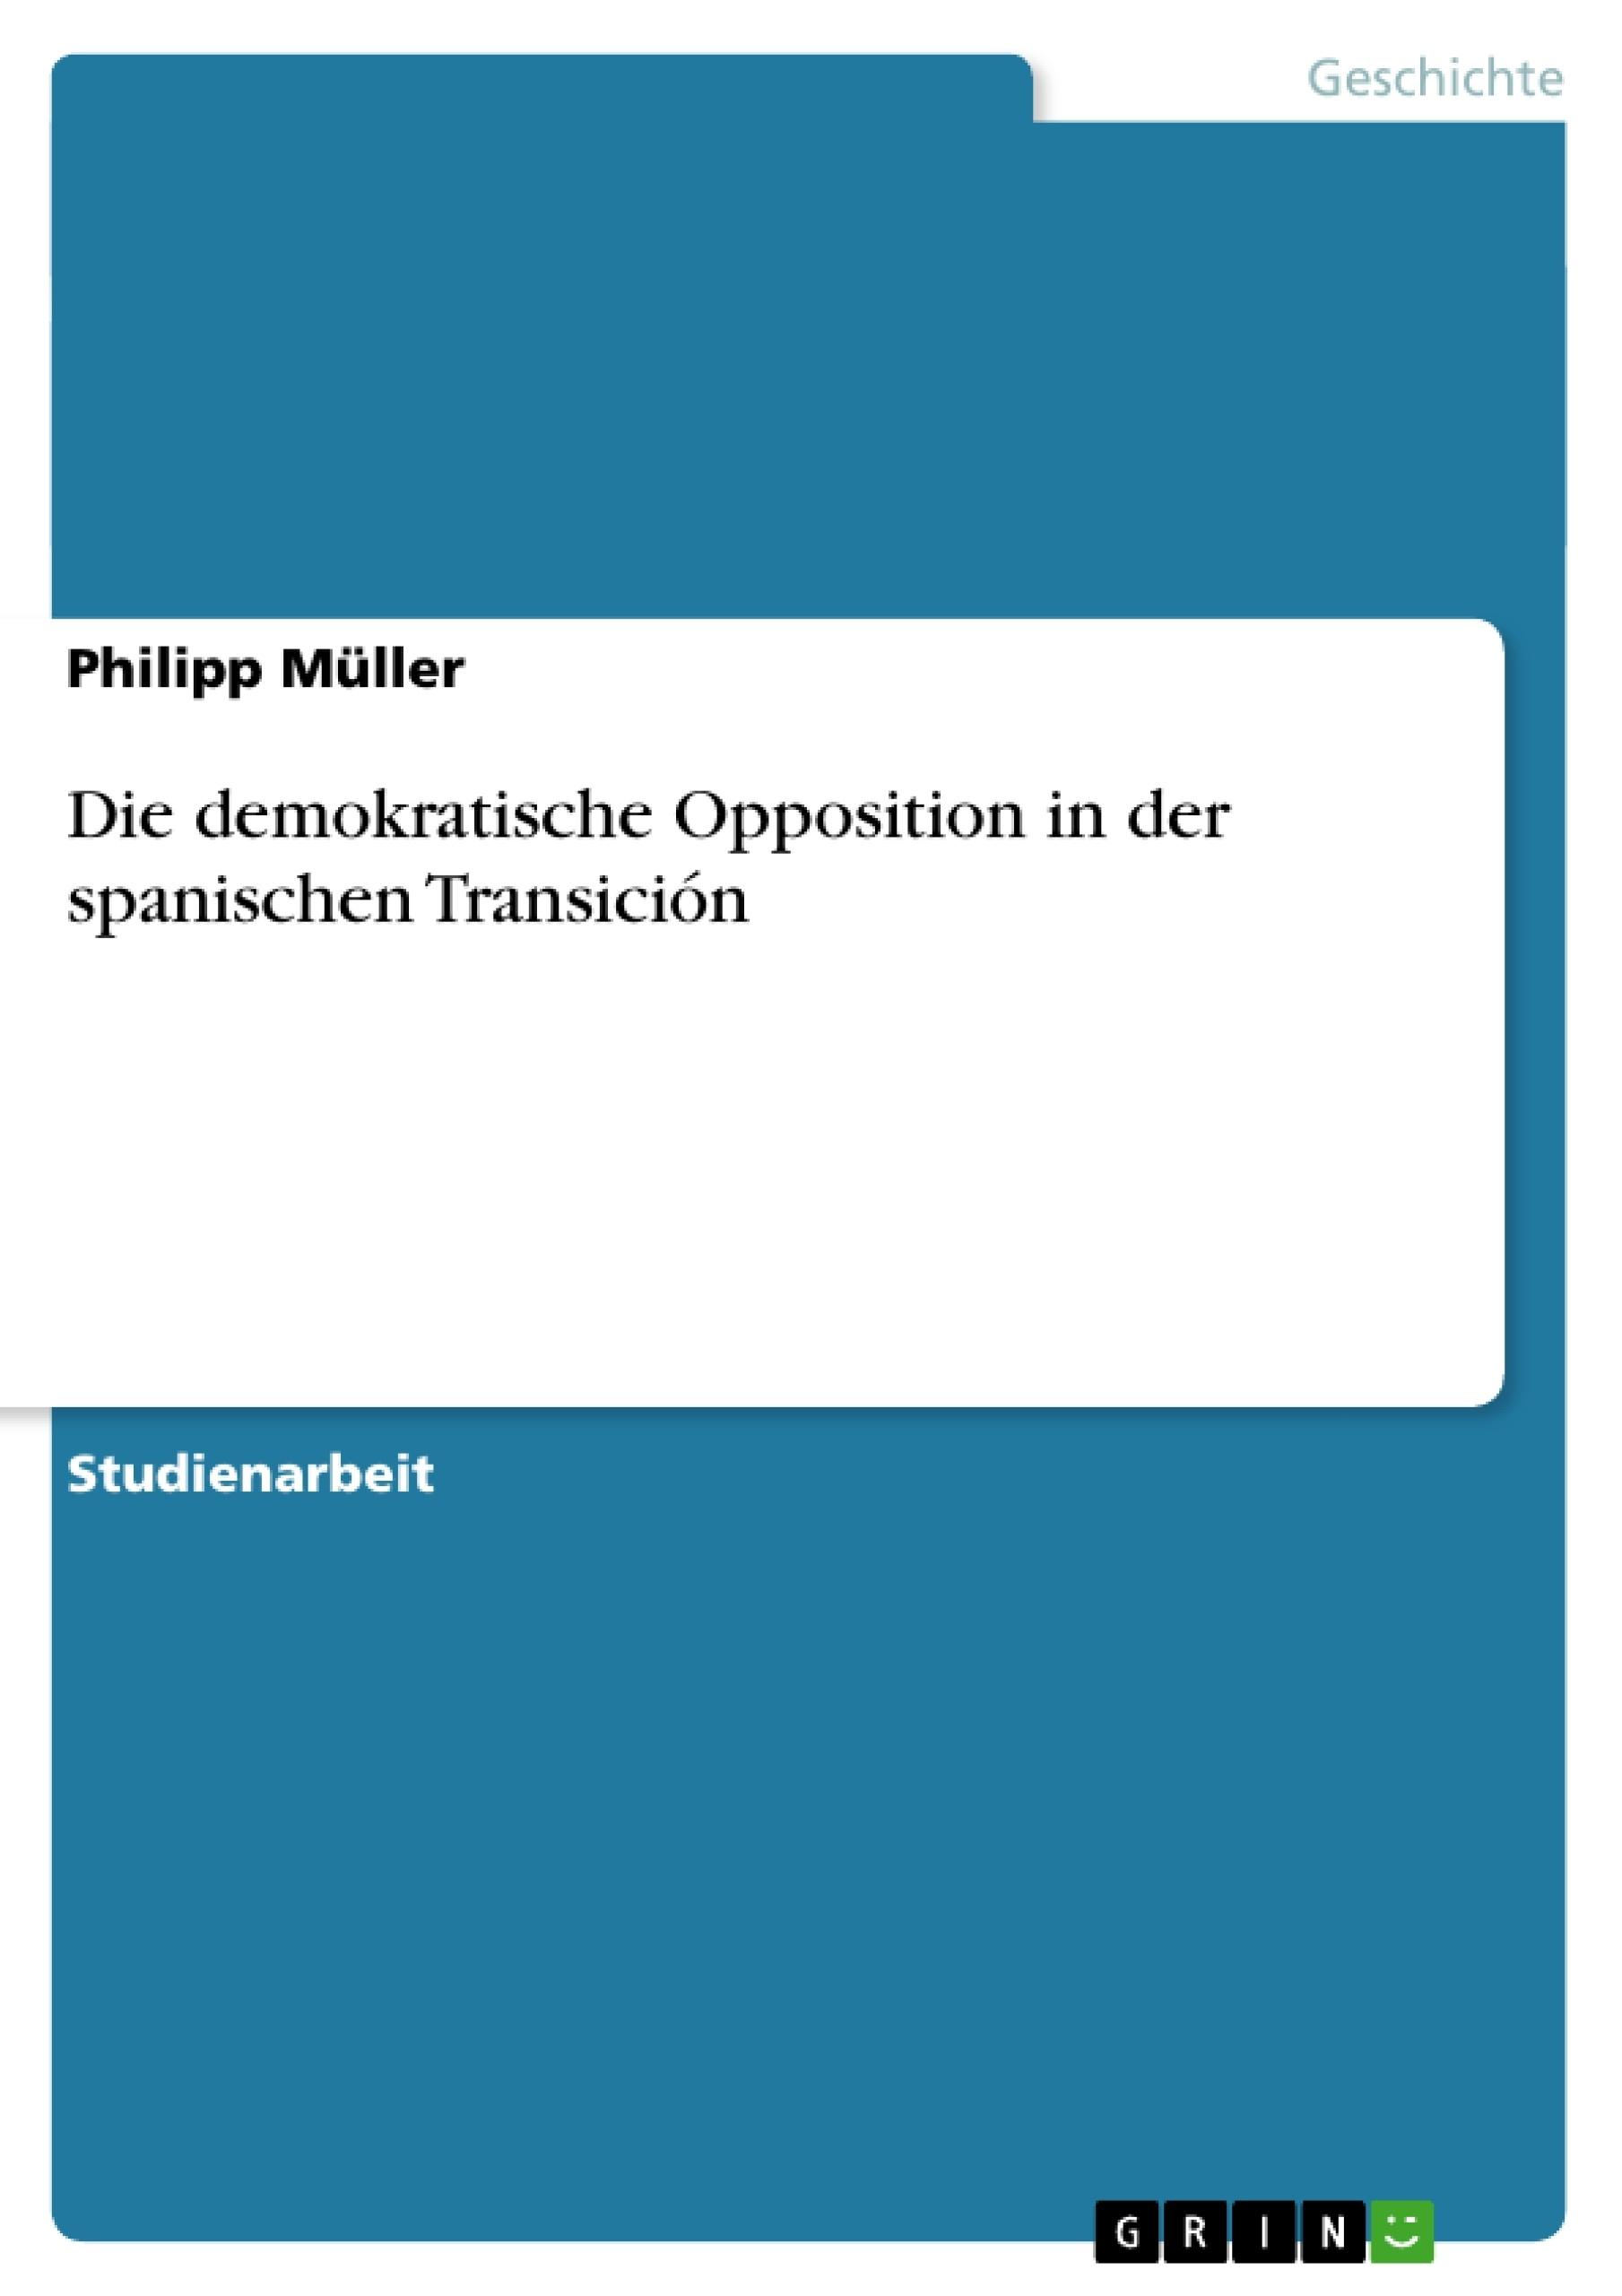 Titel: Die demokratische Opposition in der spanischen Transición